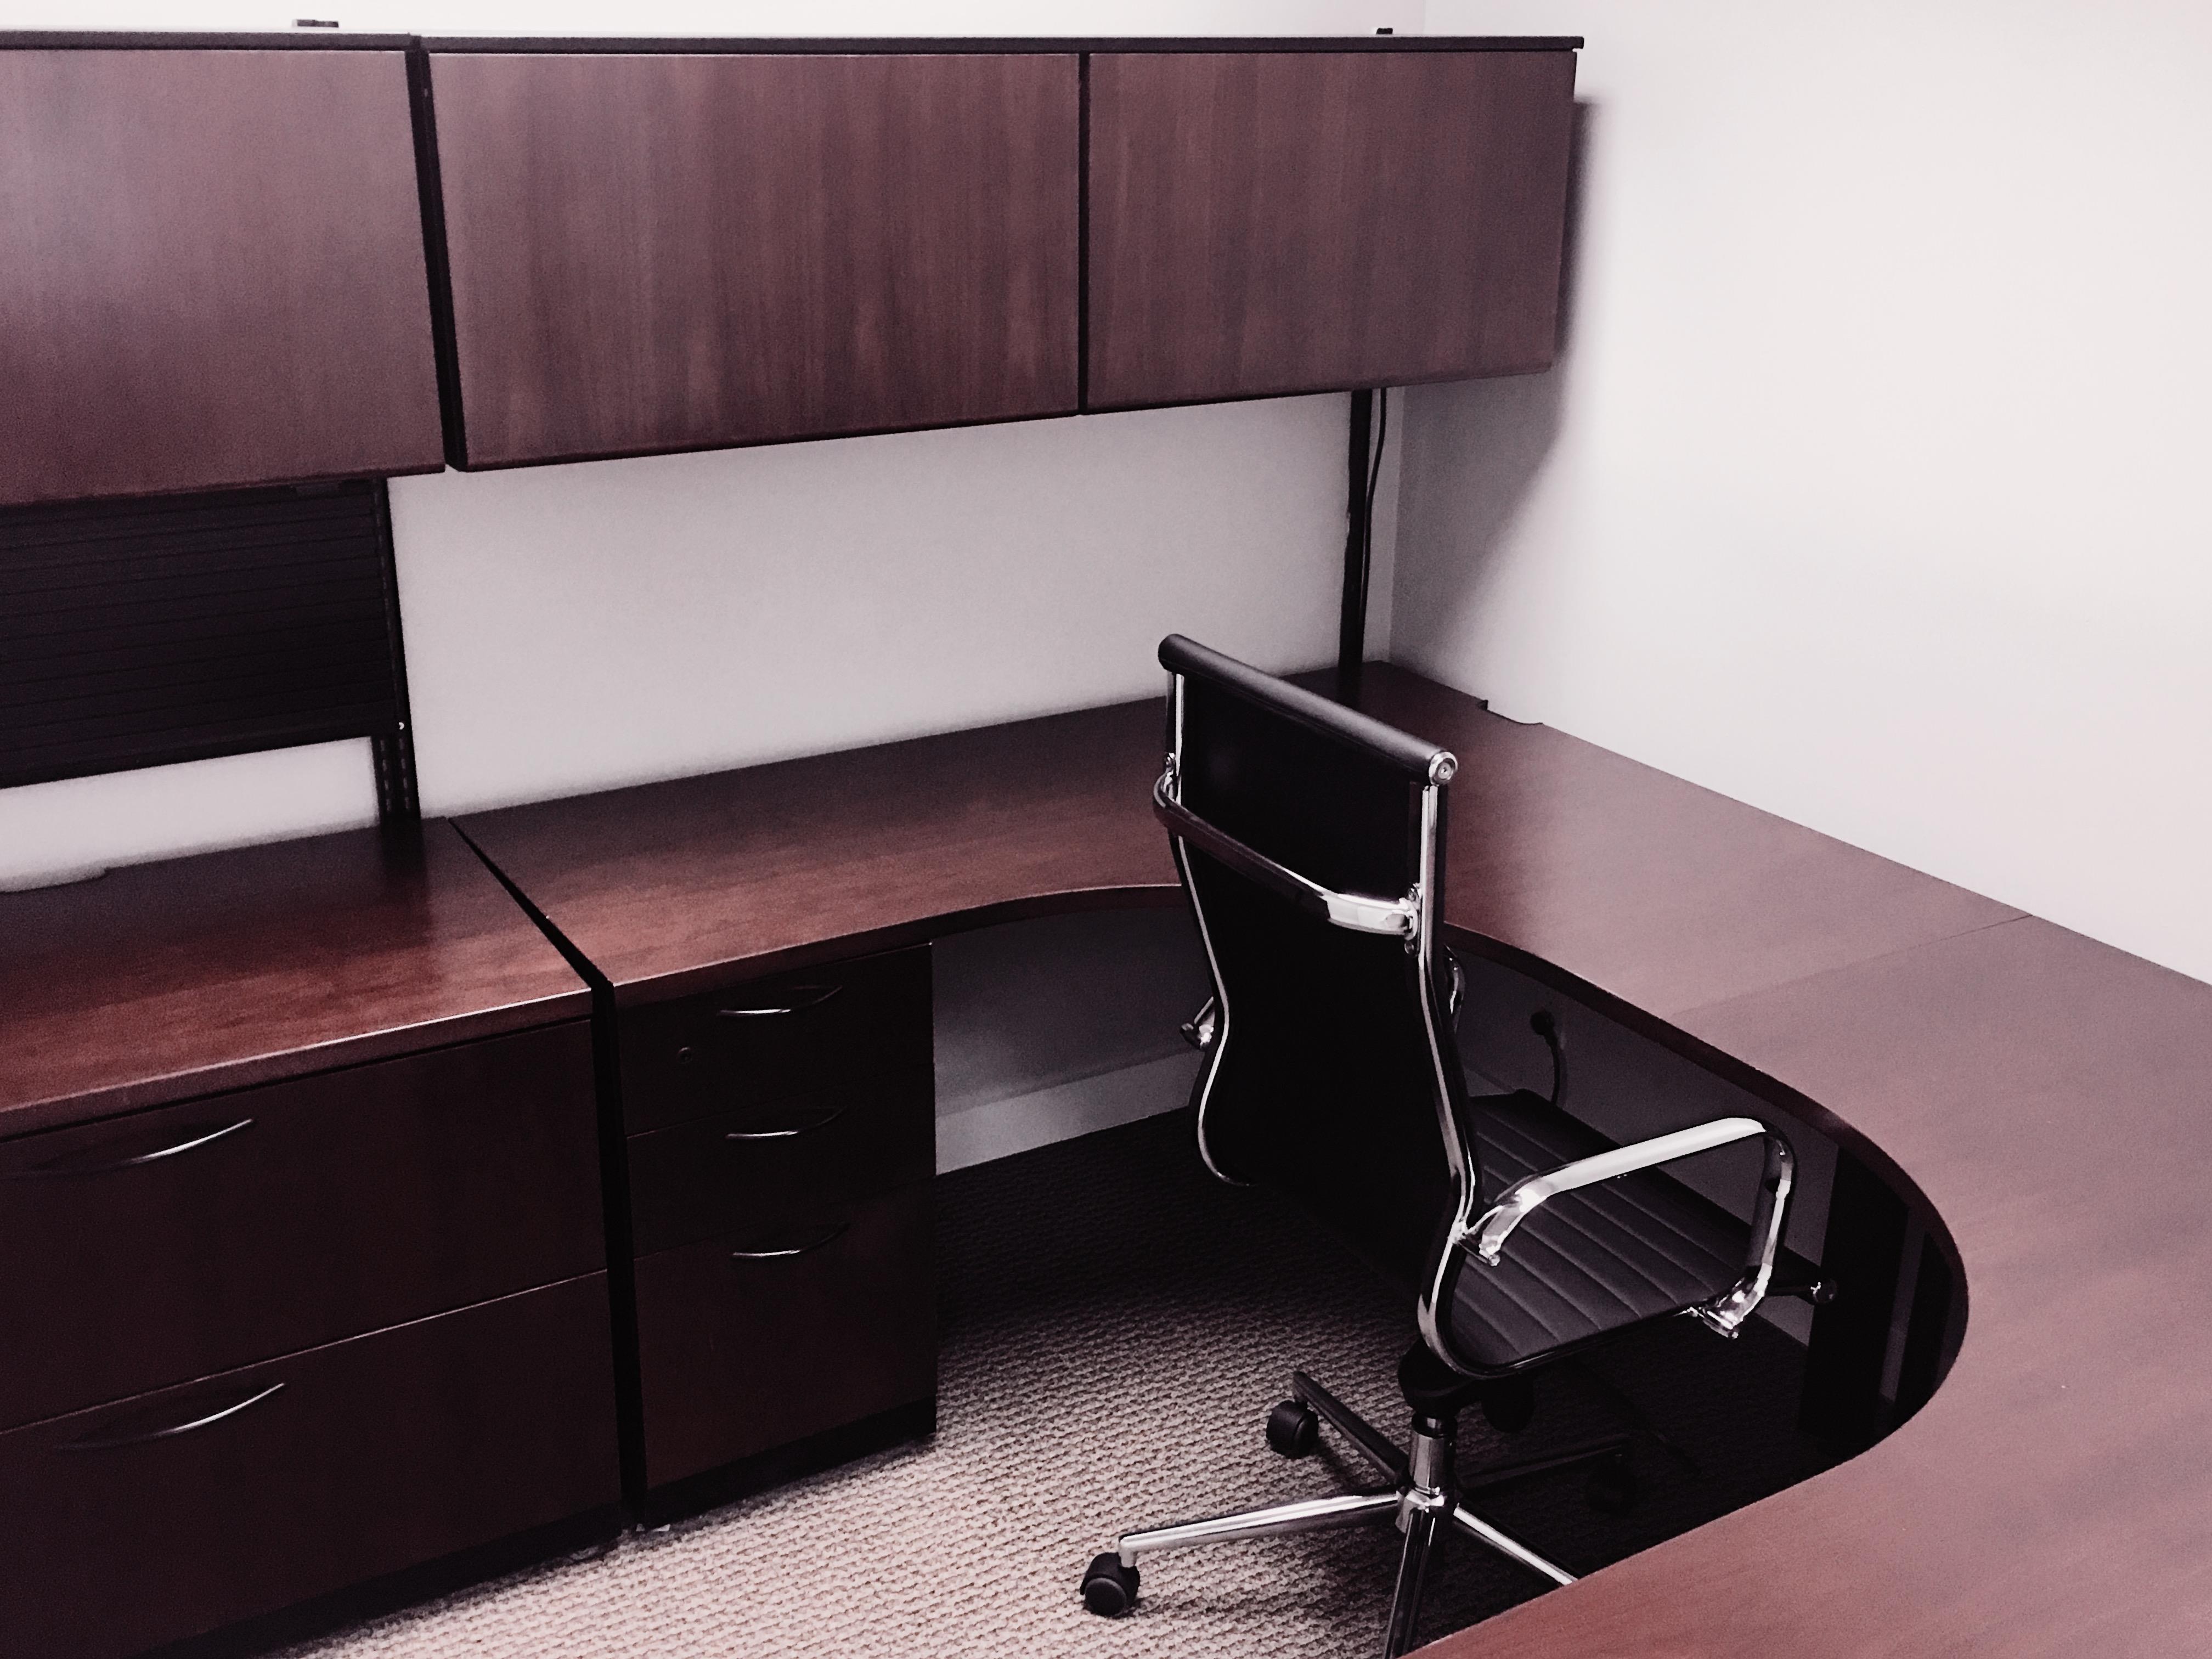 La Mirada Executive Suites - Office 10